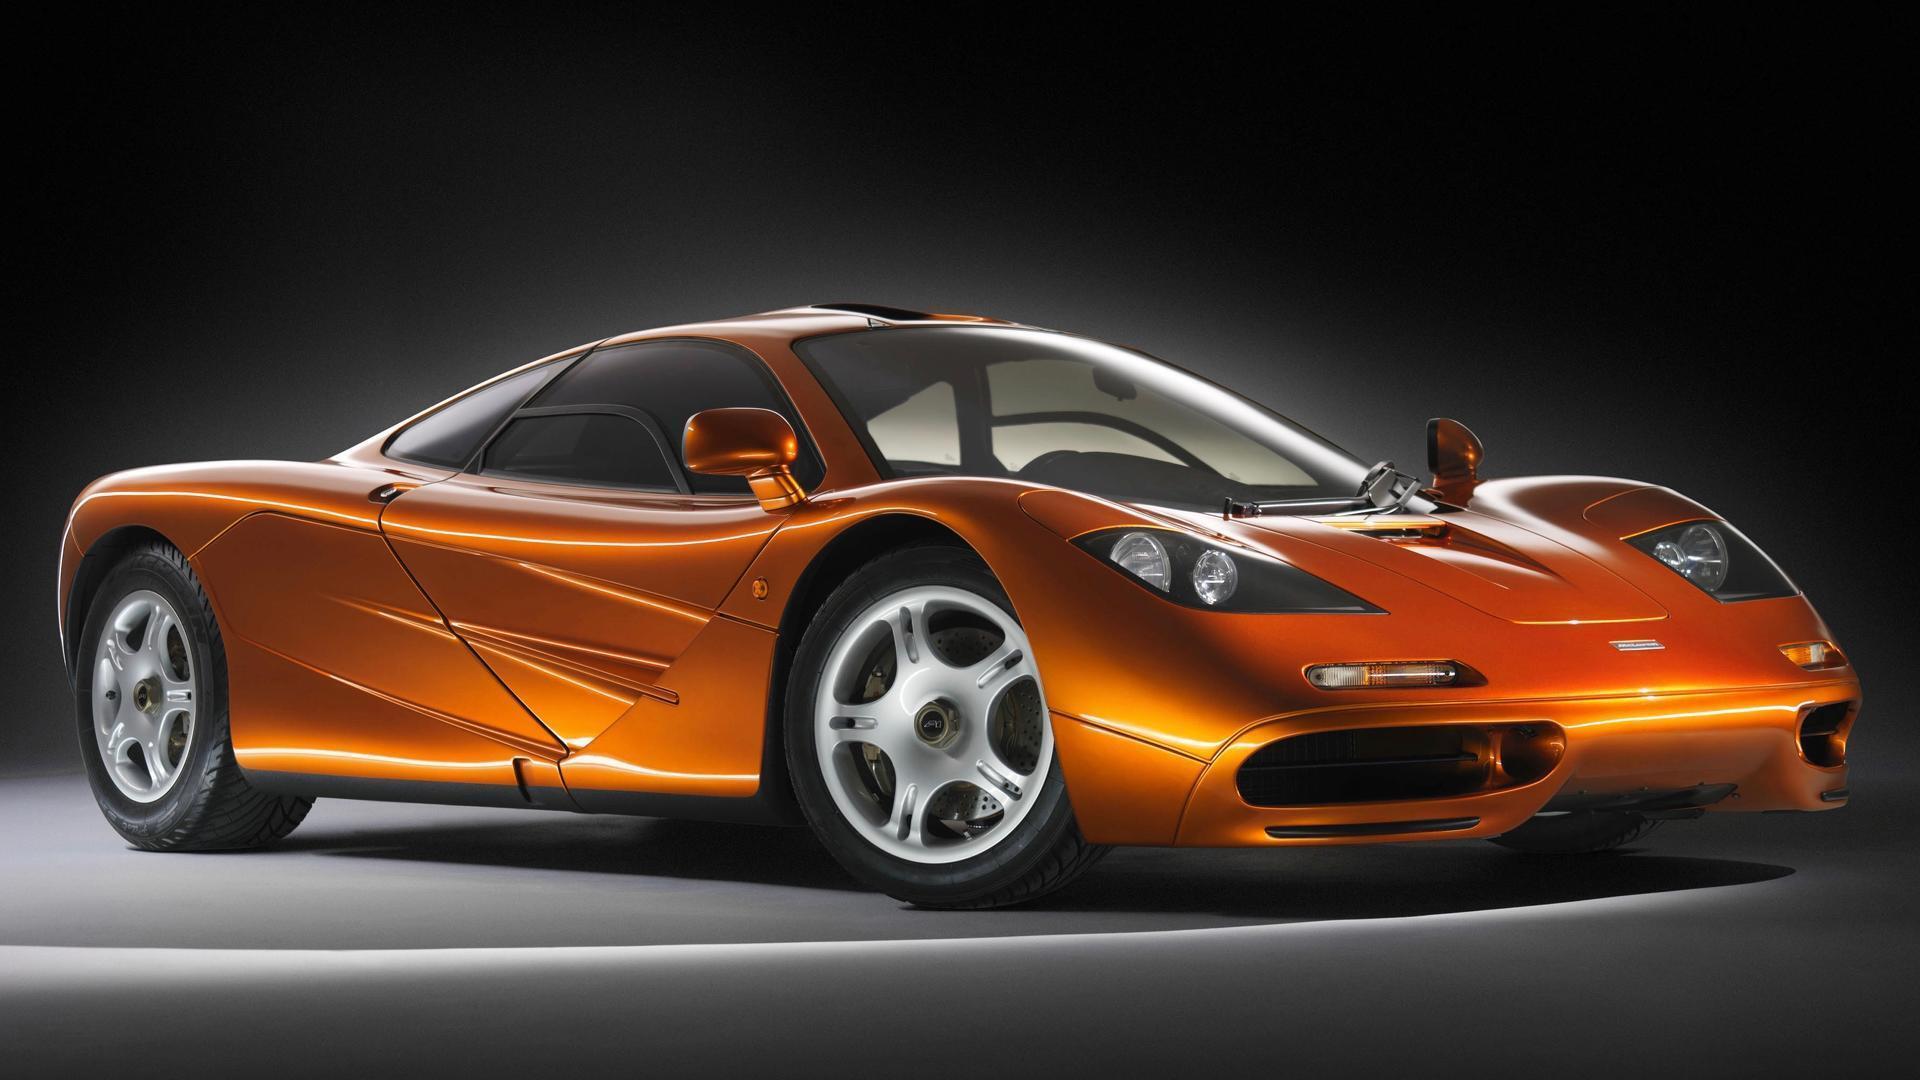 McLaren F1 разгоняется до 96 км/ч за 3,2 секунды